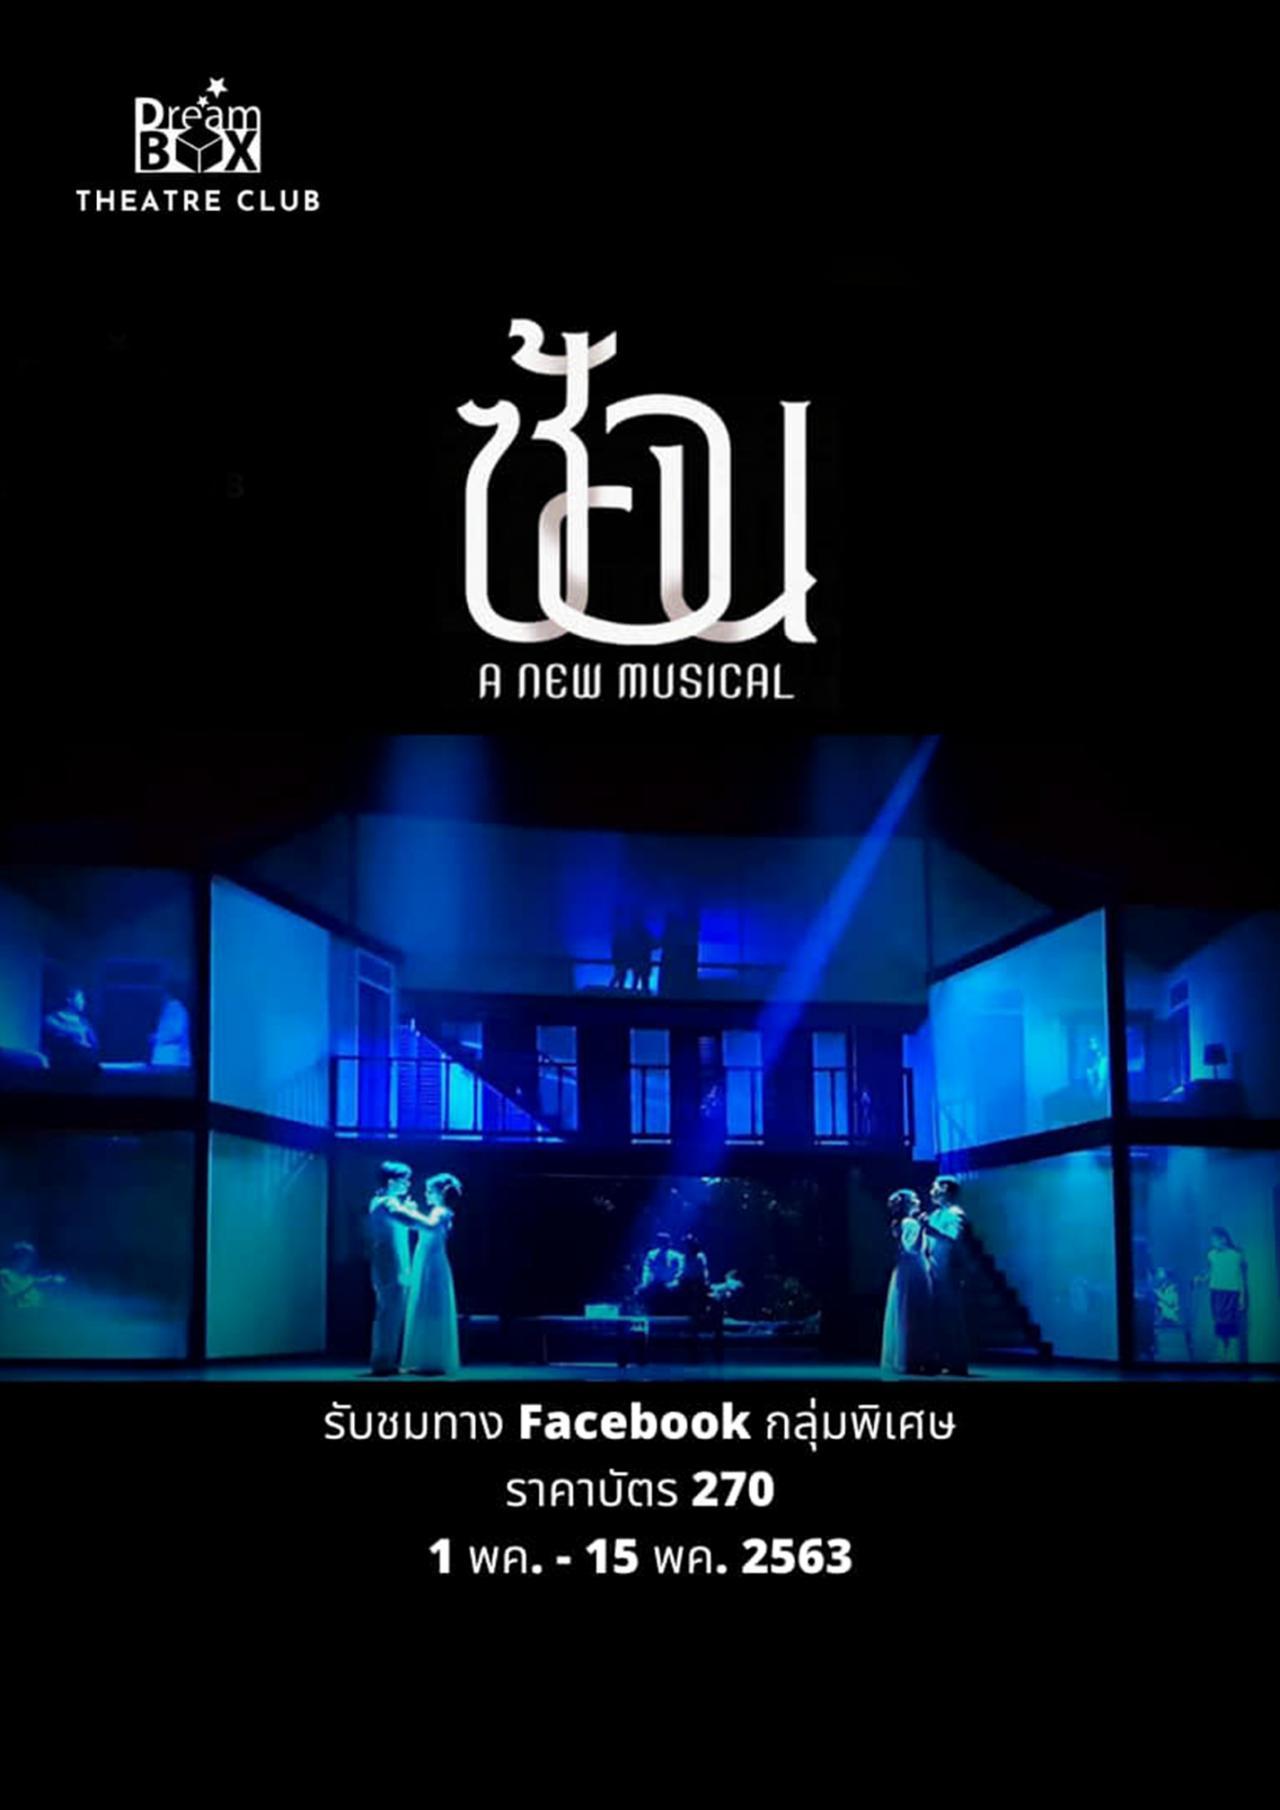 ละครเพลง 'ซ้อน A New Musical' ของค่าย Dreambox ที่เคยเปิดการแสดงเมื่อปี 2561 และถูกนำเอาเทปบันทึกการแสดงมาให้ชมทางออนไลน์ในกลุ่ม Facebook ชื่อ Dreambox Theatre Club เมื่อกลางปีที่แล้ว